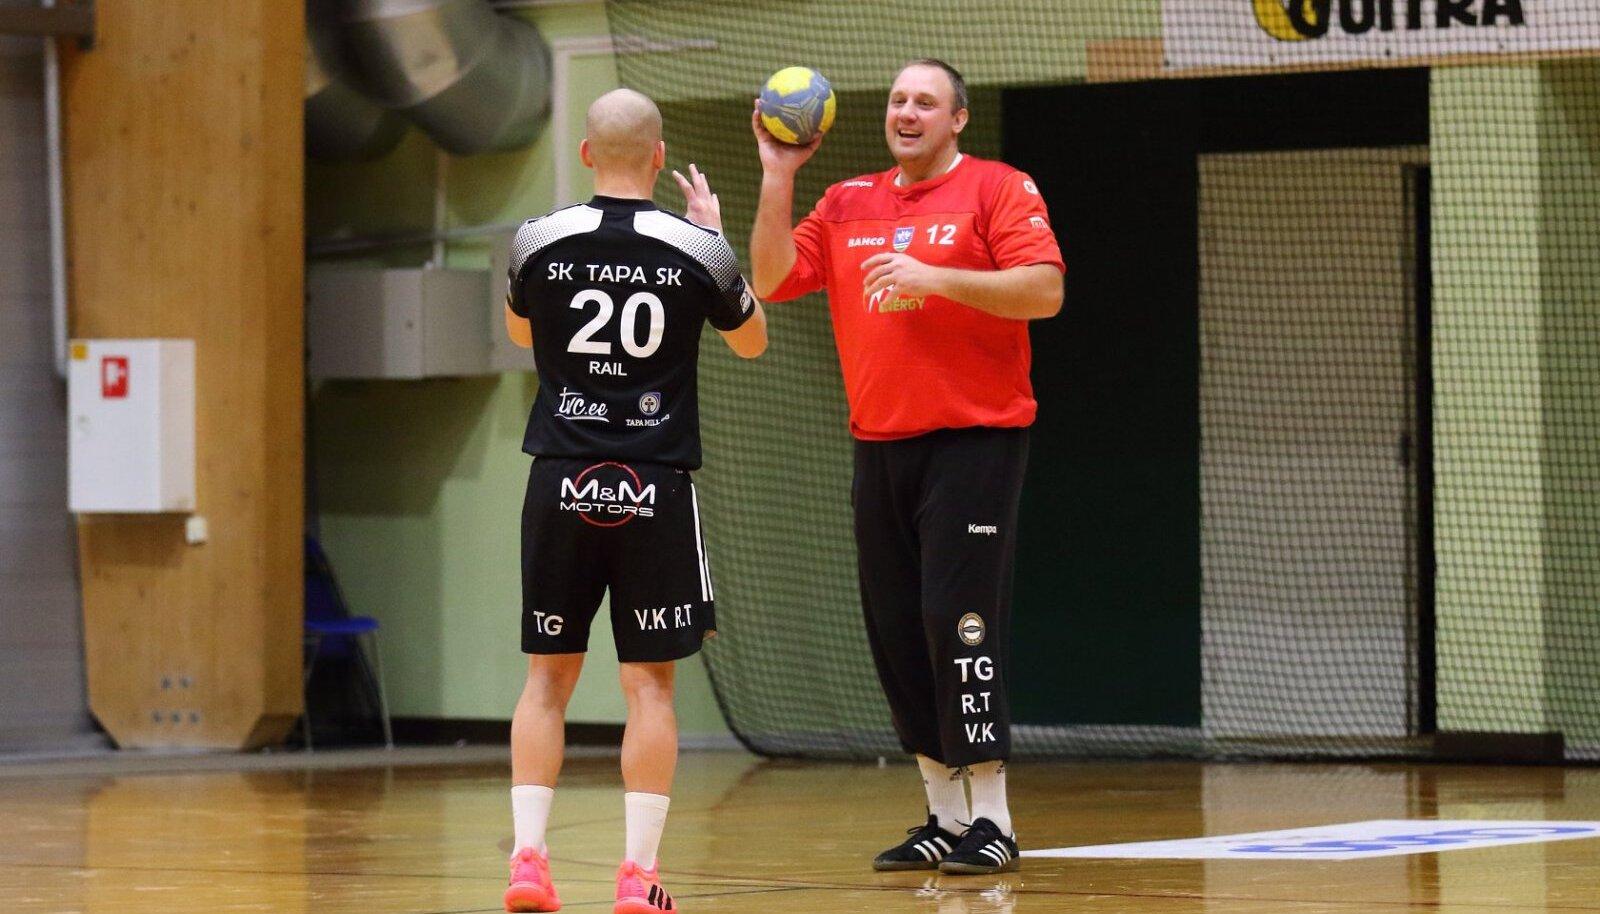 Rail Ageni ja Mikola Naum